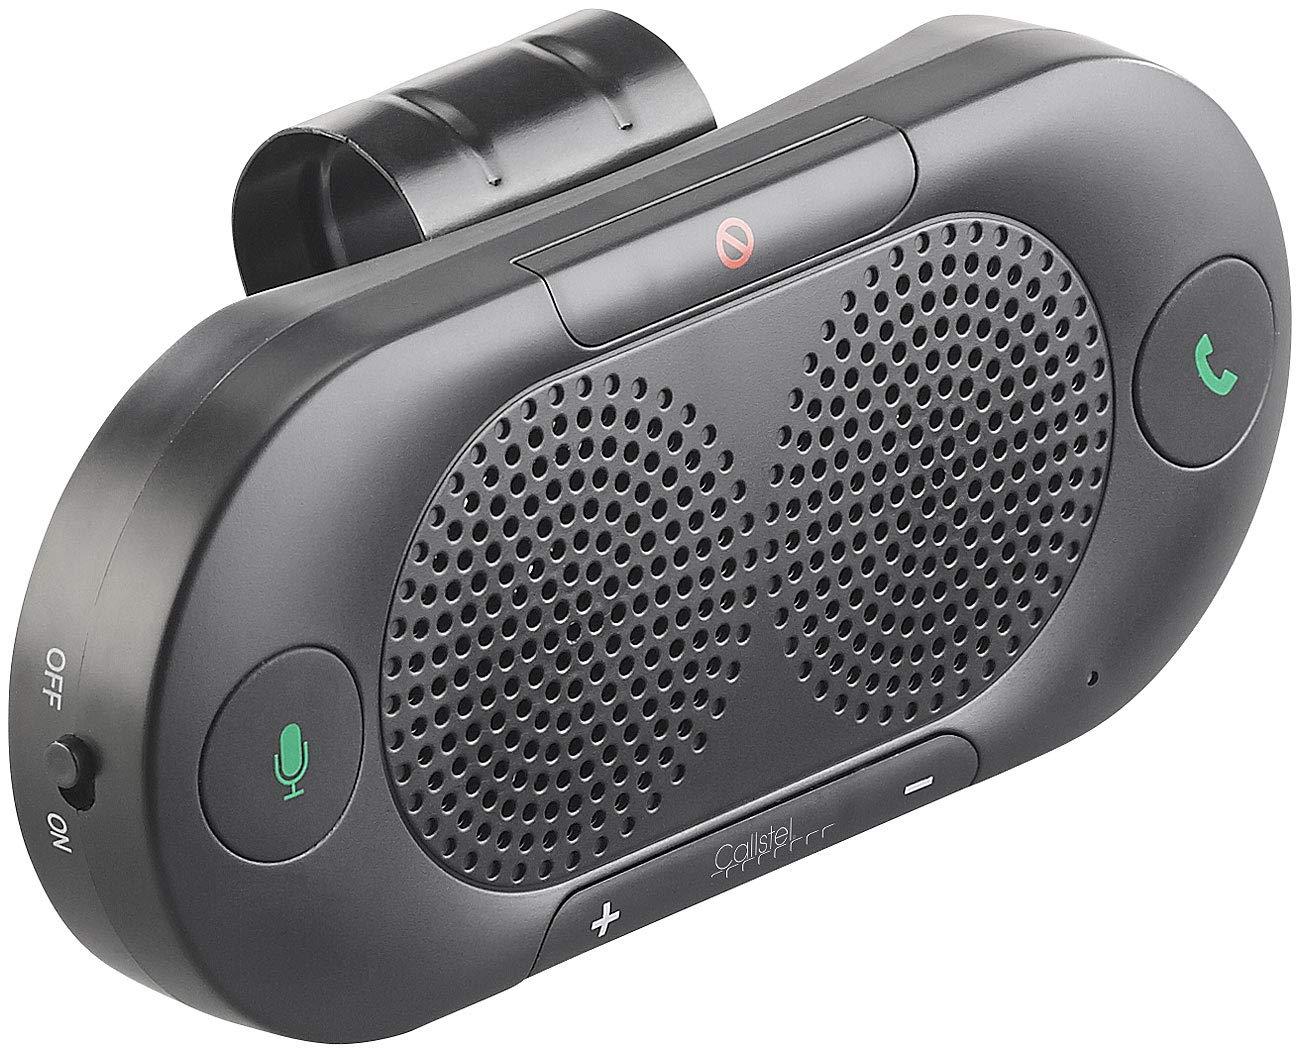 Freisprecheinrichtung f/ürs Auto und Google-kompatibel Siri Callstel Freisprechanlage Pkw Stereo-Kfz-Freisprecher mit Bluetooth 5